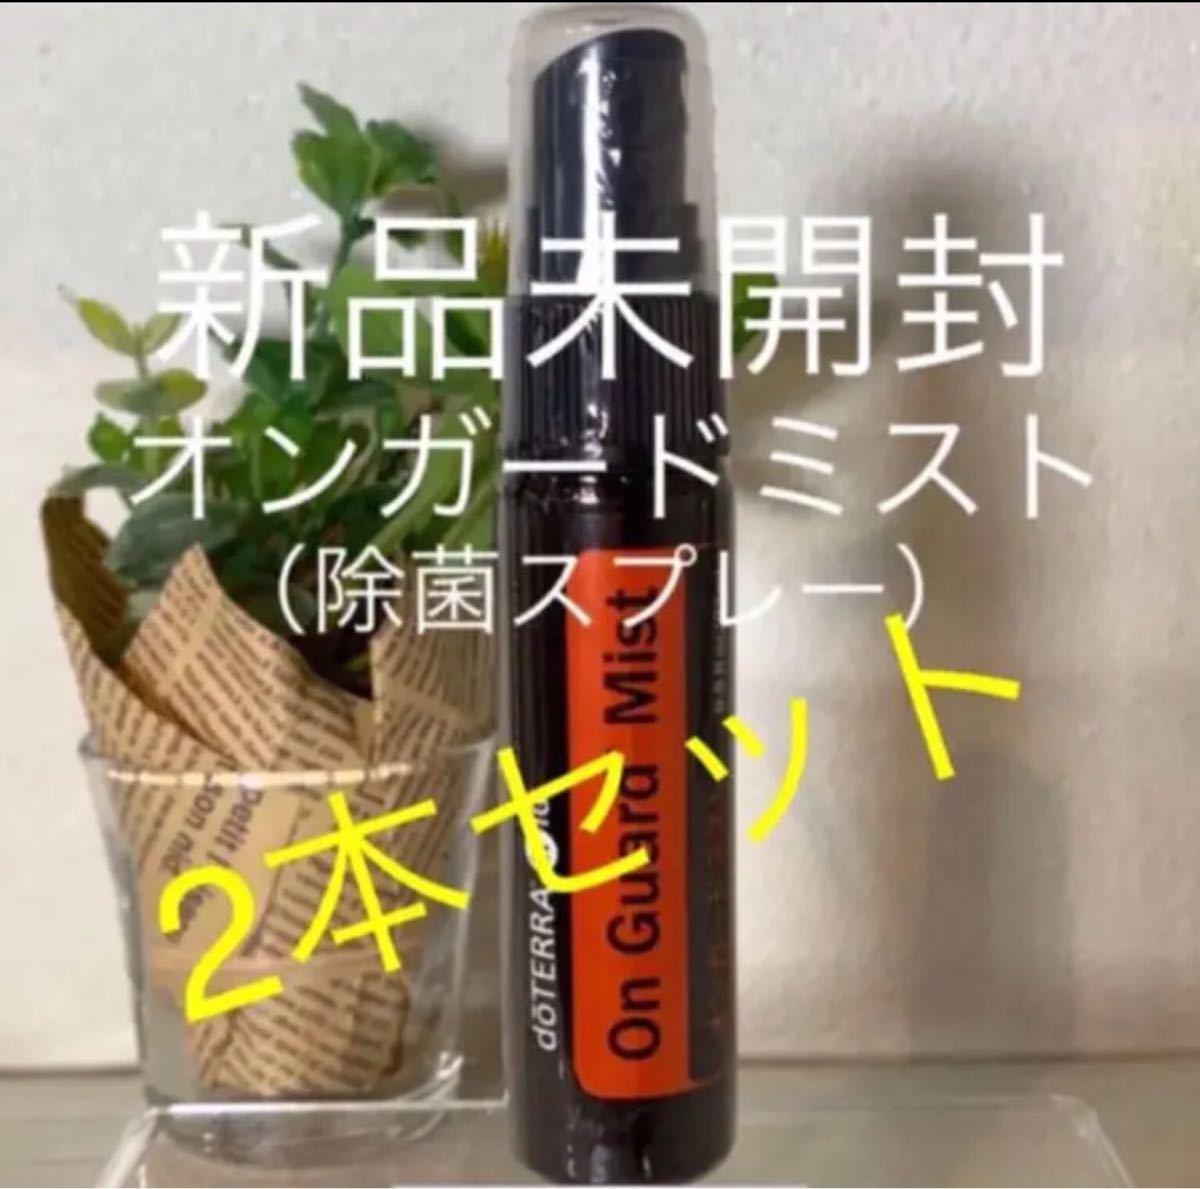 ドテラ オンガードミスト27ml、2本セット★正規品★新品未開封★